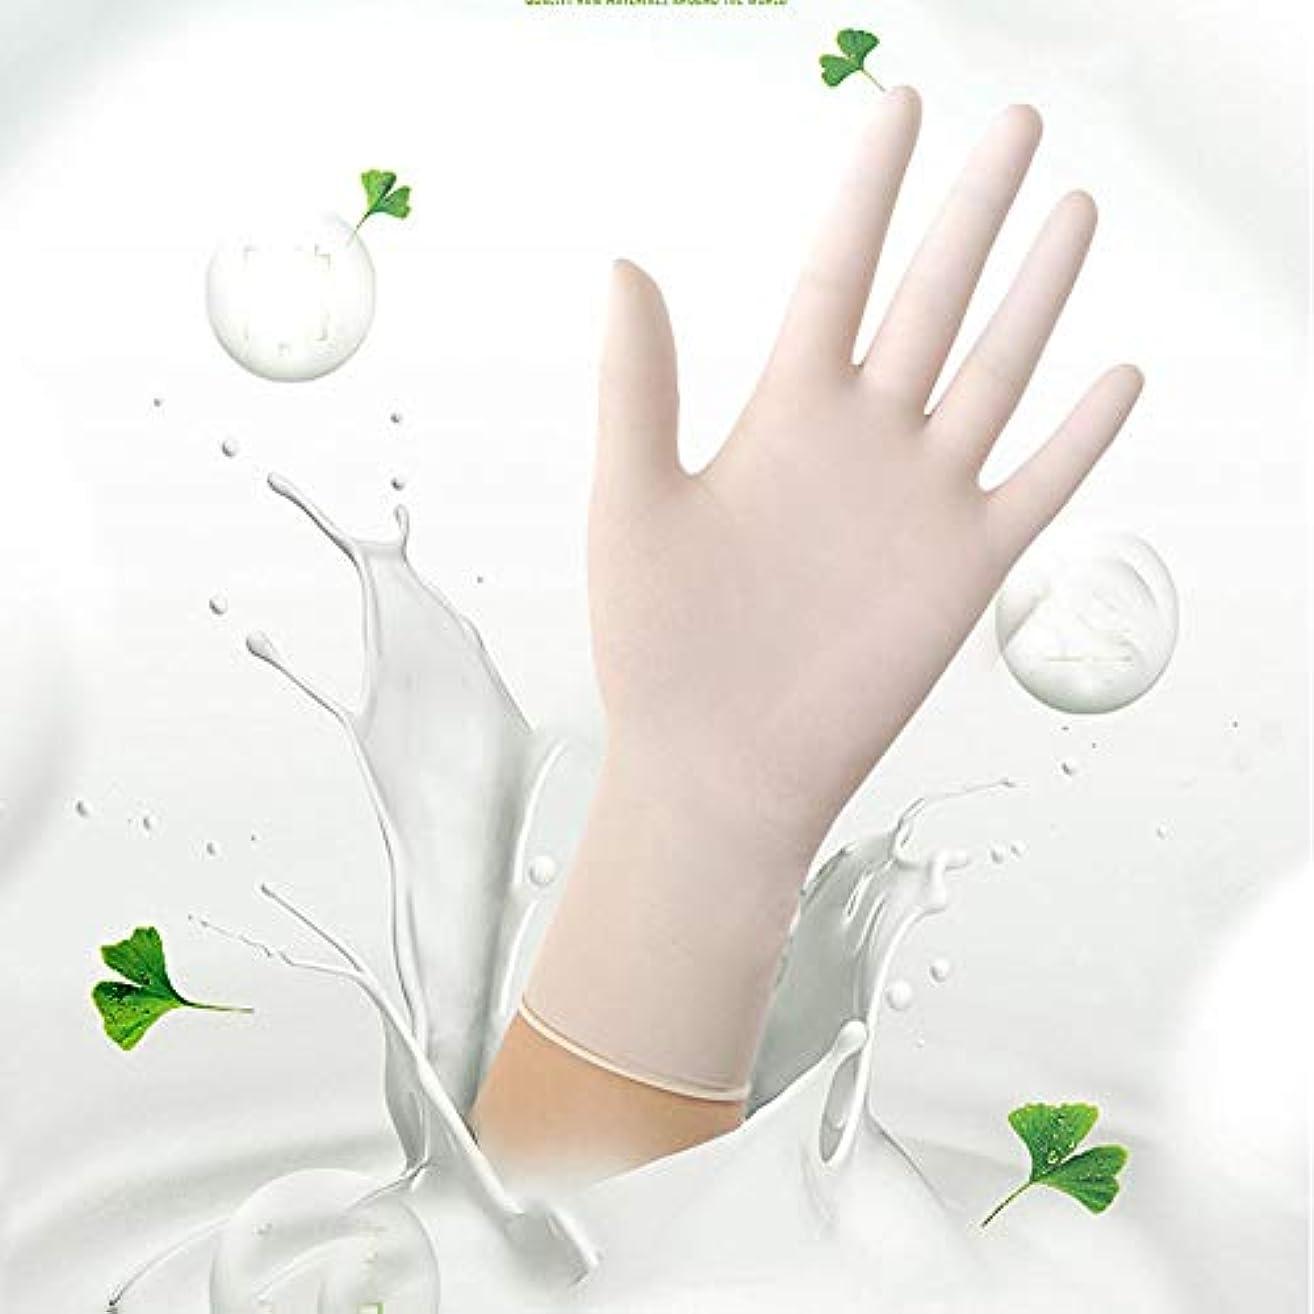 モットー記念日人気のニトリル検査用手袋 - 医療用グレード、パウダーフリー、ラテックスラバーフリー、使い捨て、非滅菌、食品安全、インディゴ色、100カウント、サイズS-L (Color : White, Size : S)